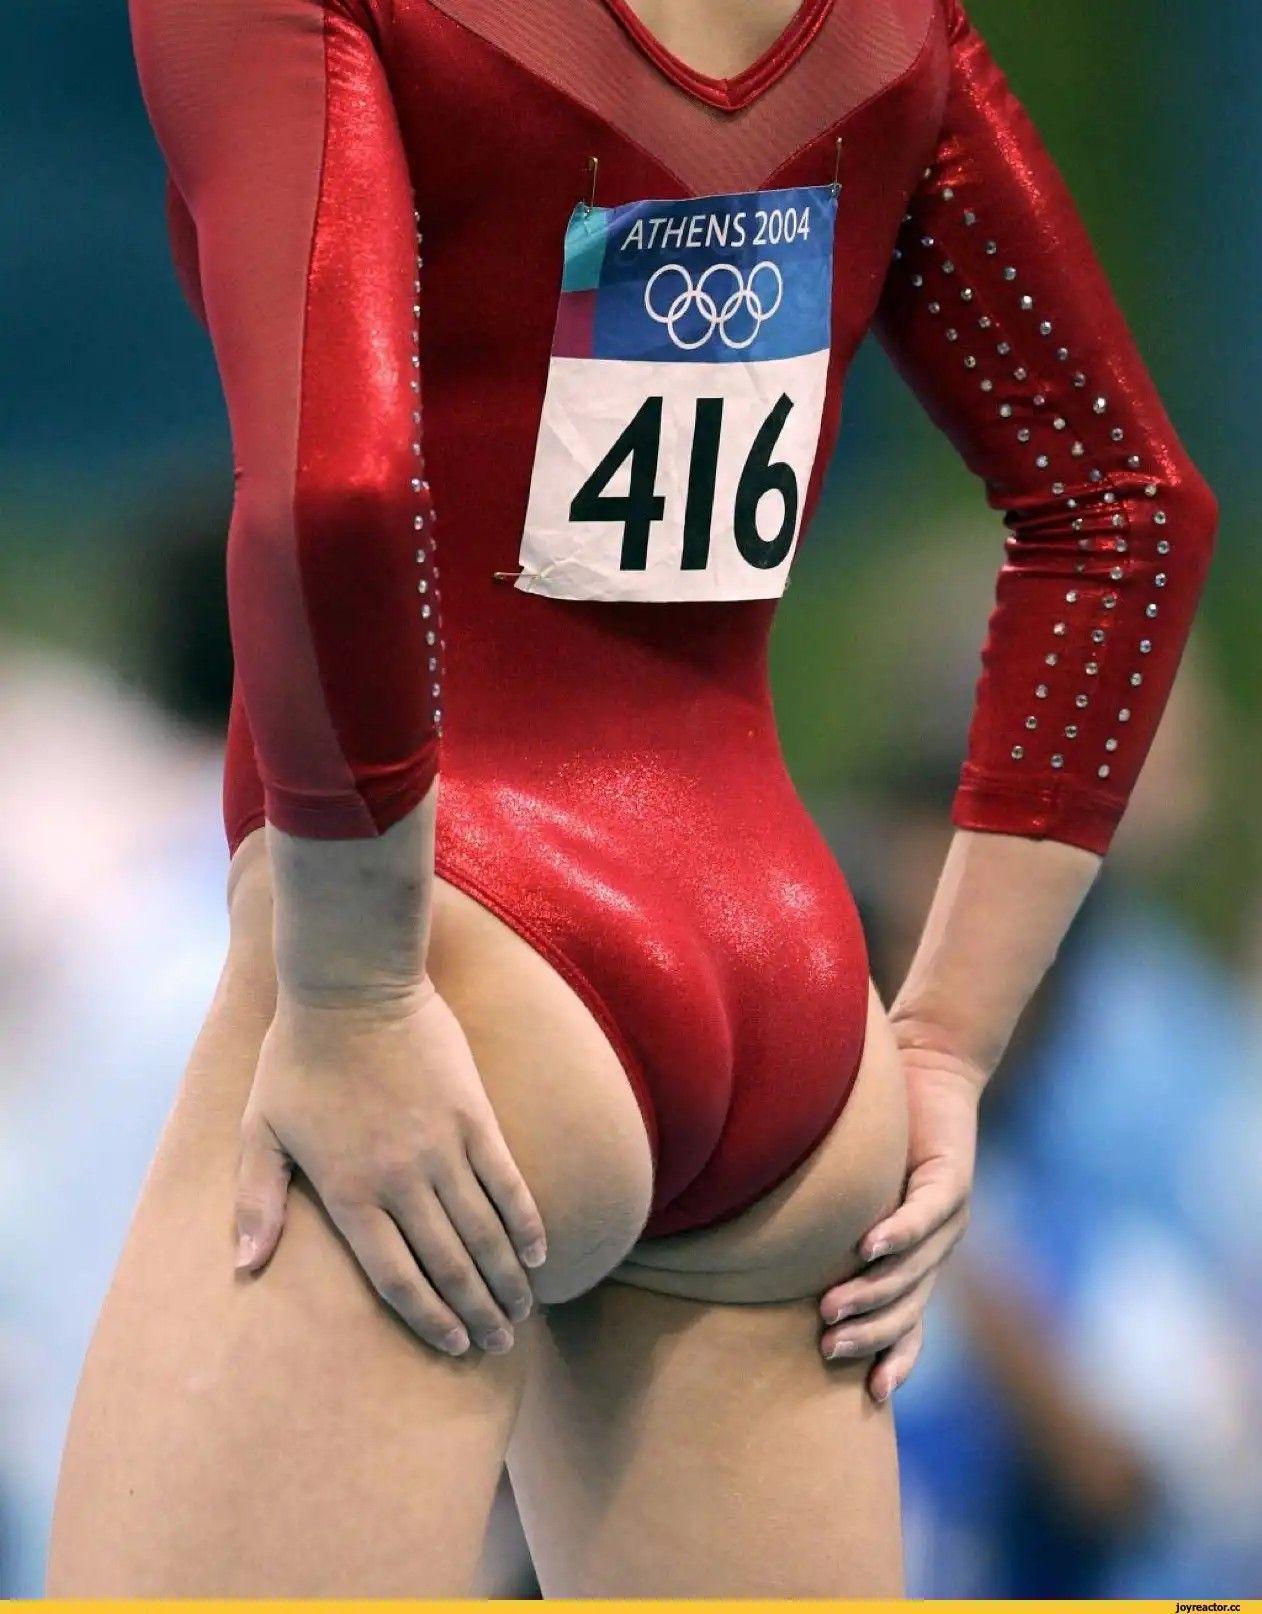 Смотреть голый спорт онлайн